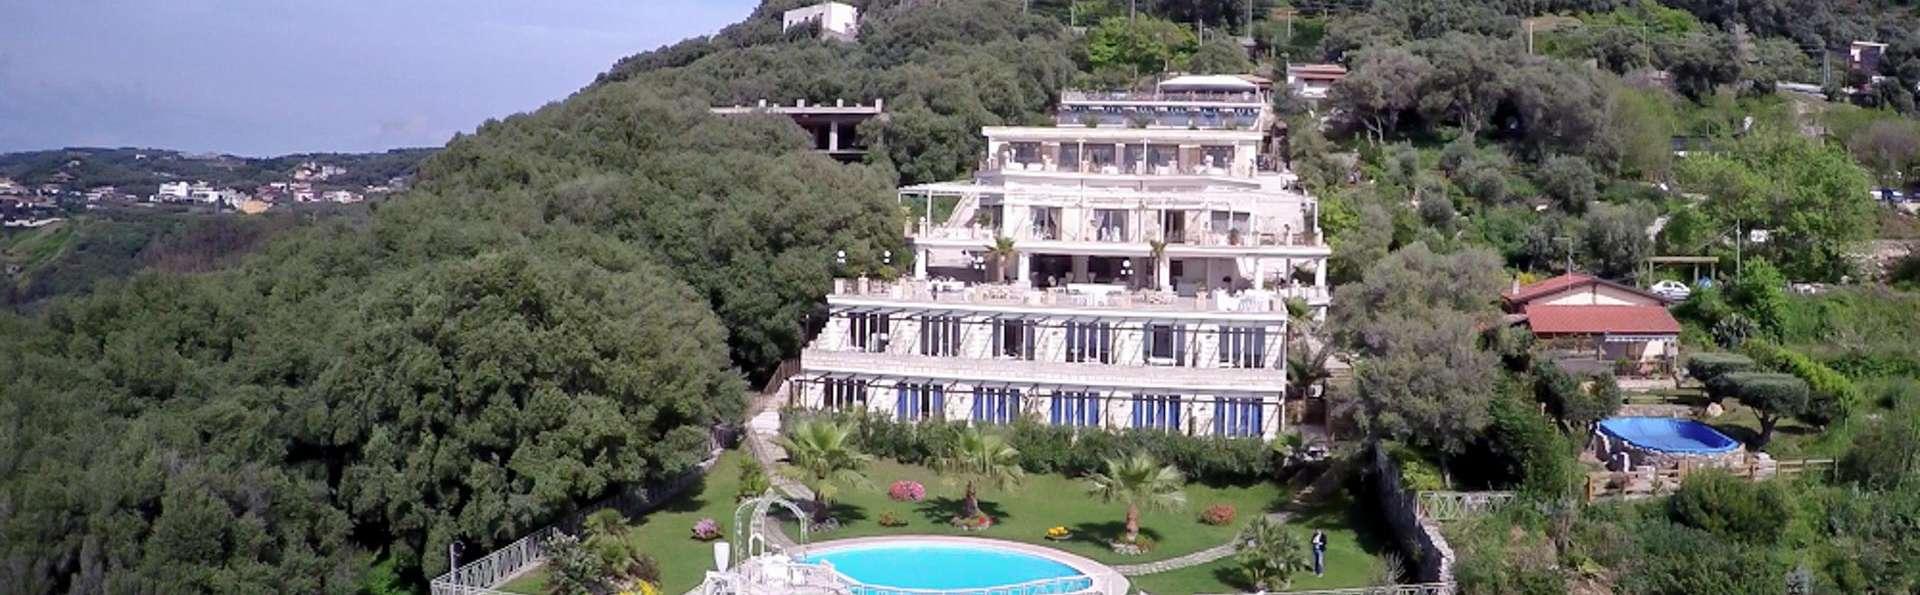 CapoSperone Resort - EDIT_AERIAL_01.jpg